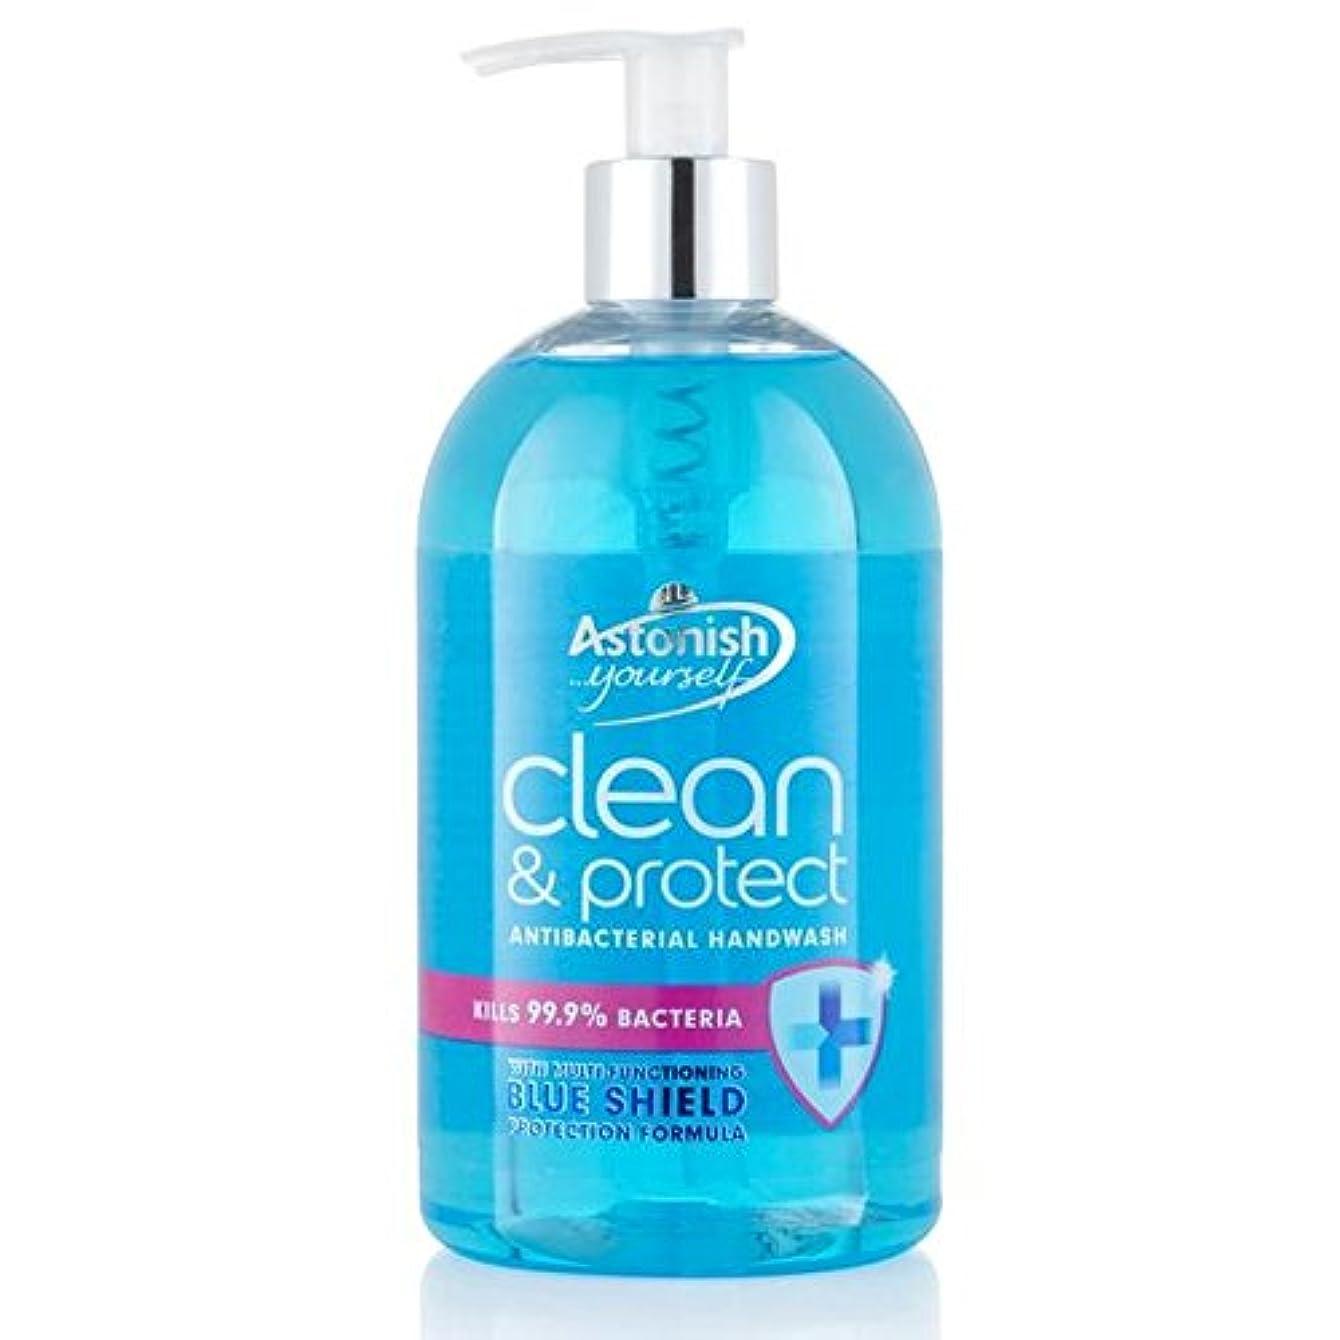 同盟かわいらしい防止クリーン驚か&ハンドウォッシュ500ミリリットルを保護 x4 - Astonish Clean & Protect Hand Wash 500ml (Pack of 4) [並行輸入品]